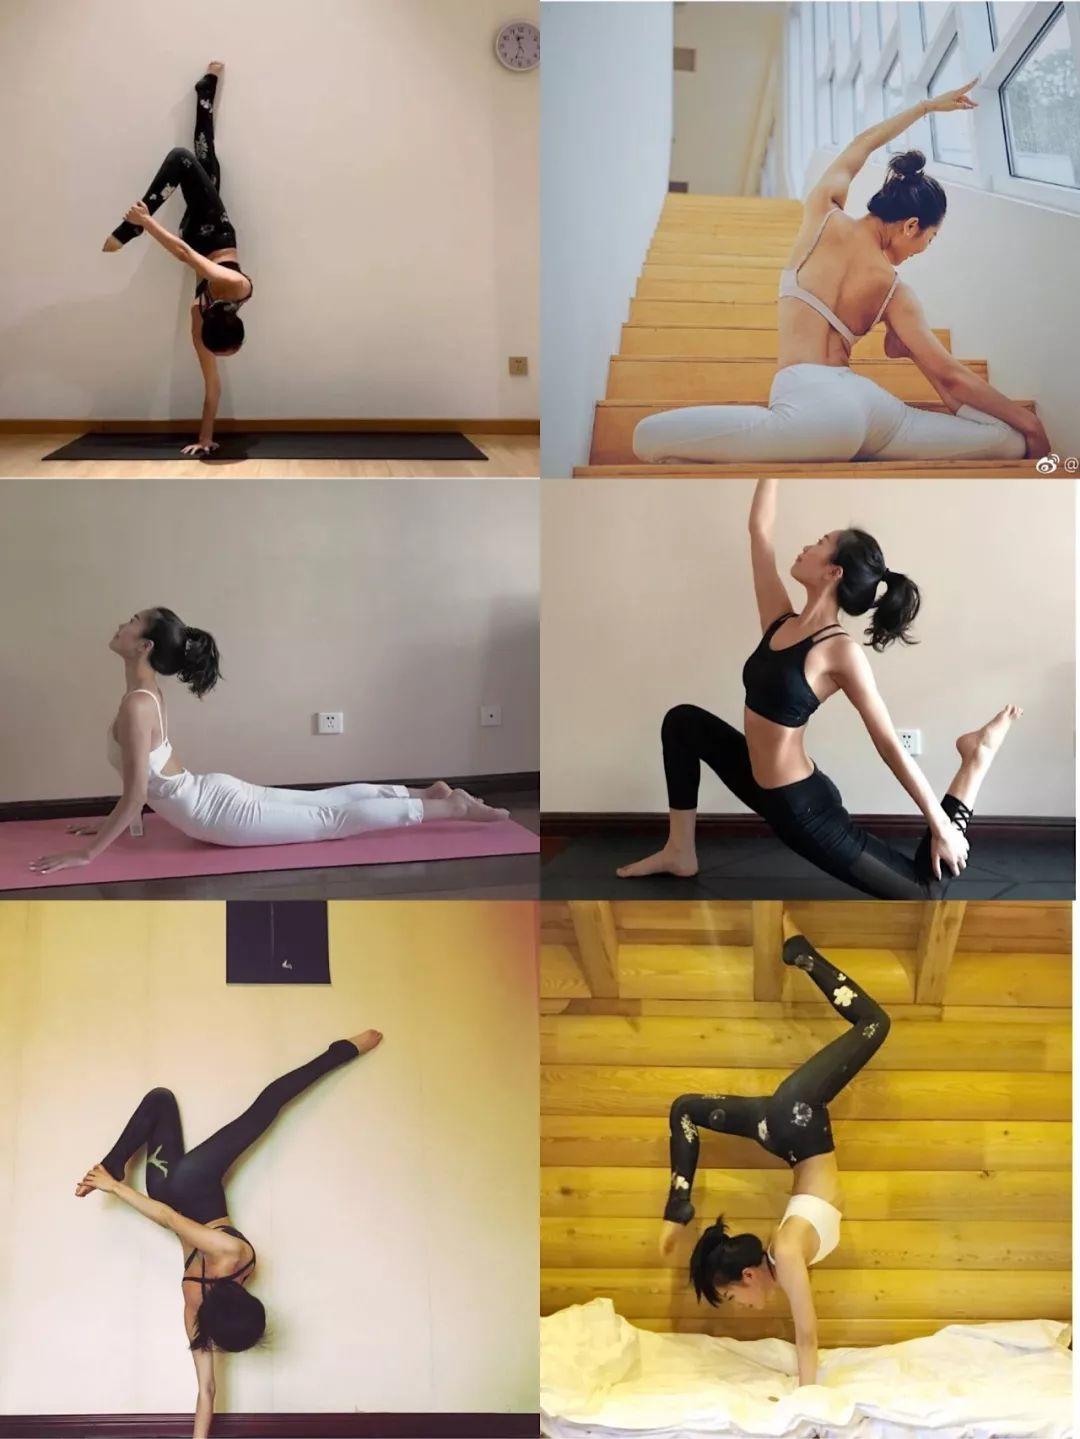 10节速瘦瑜伽:360°精雕体态,让你瘦得轻盈有气质!-第54张图片-爱课啦